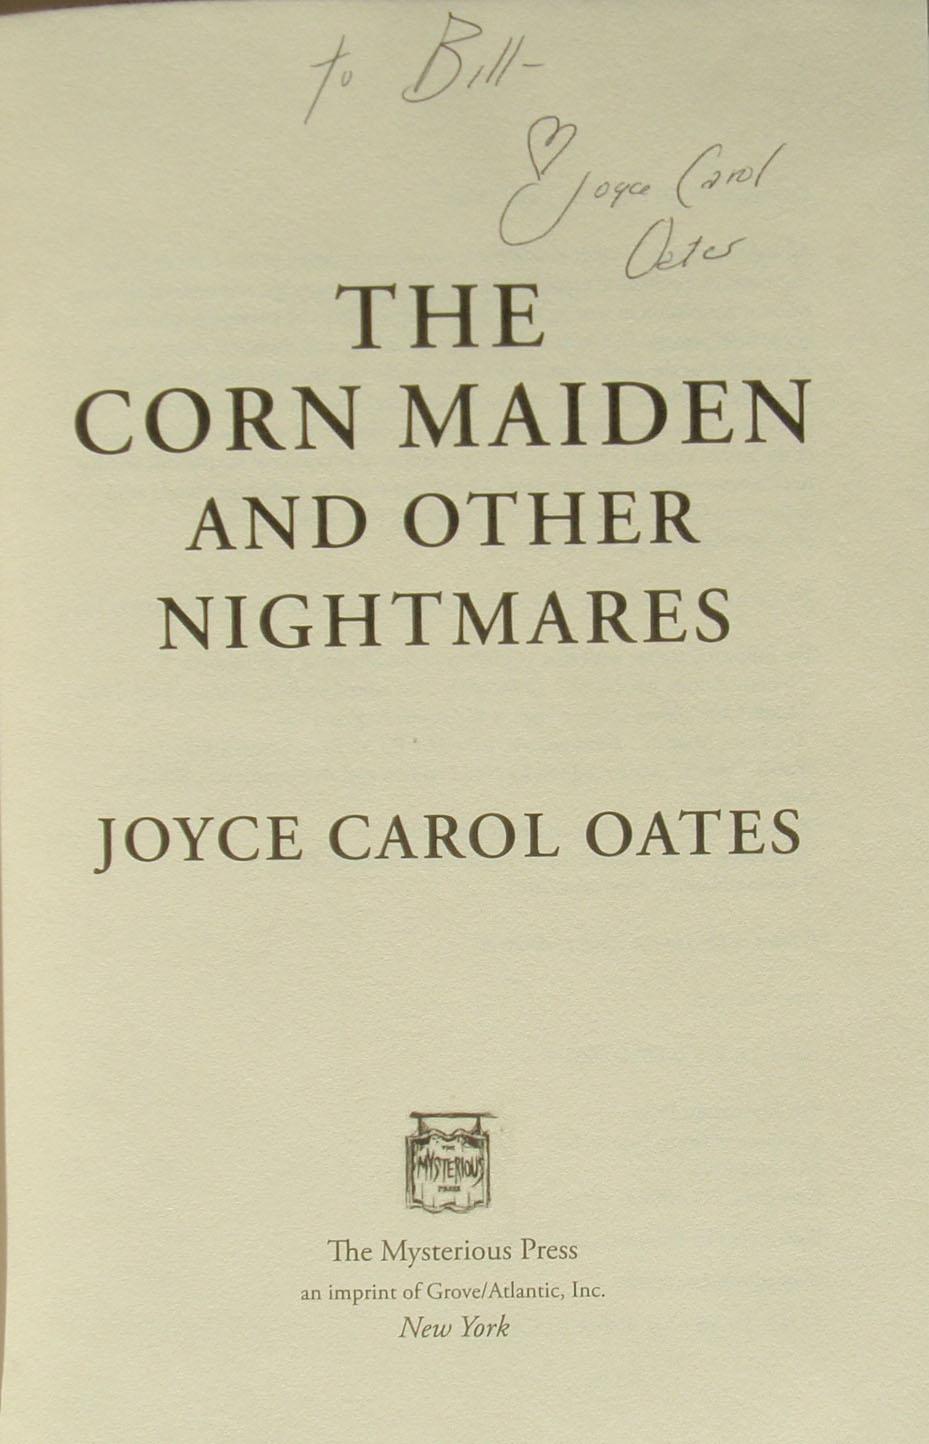 Joyce Carol Oates insult